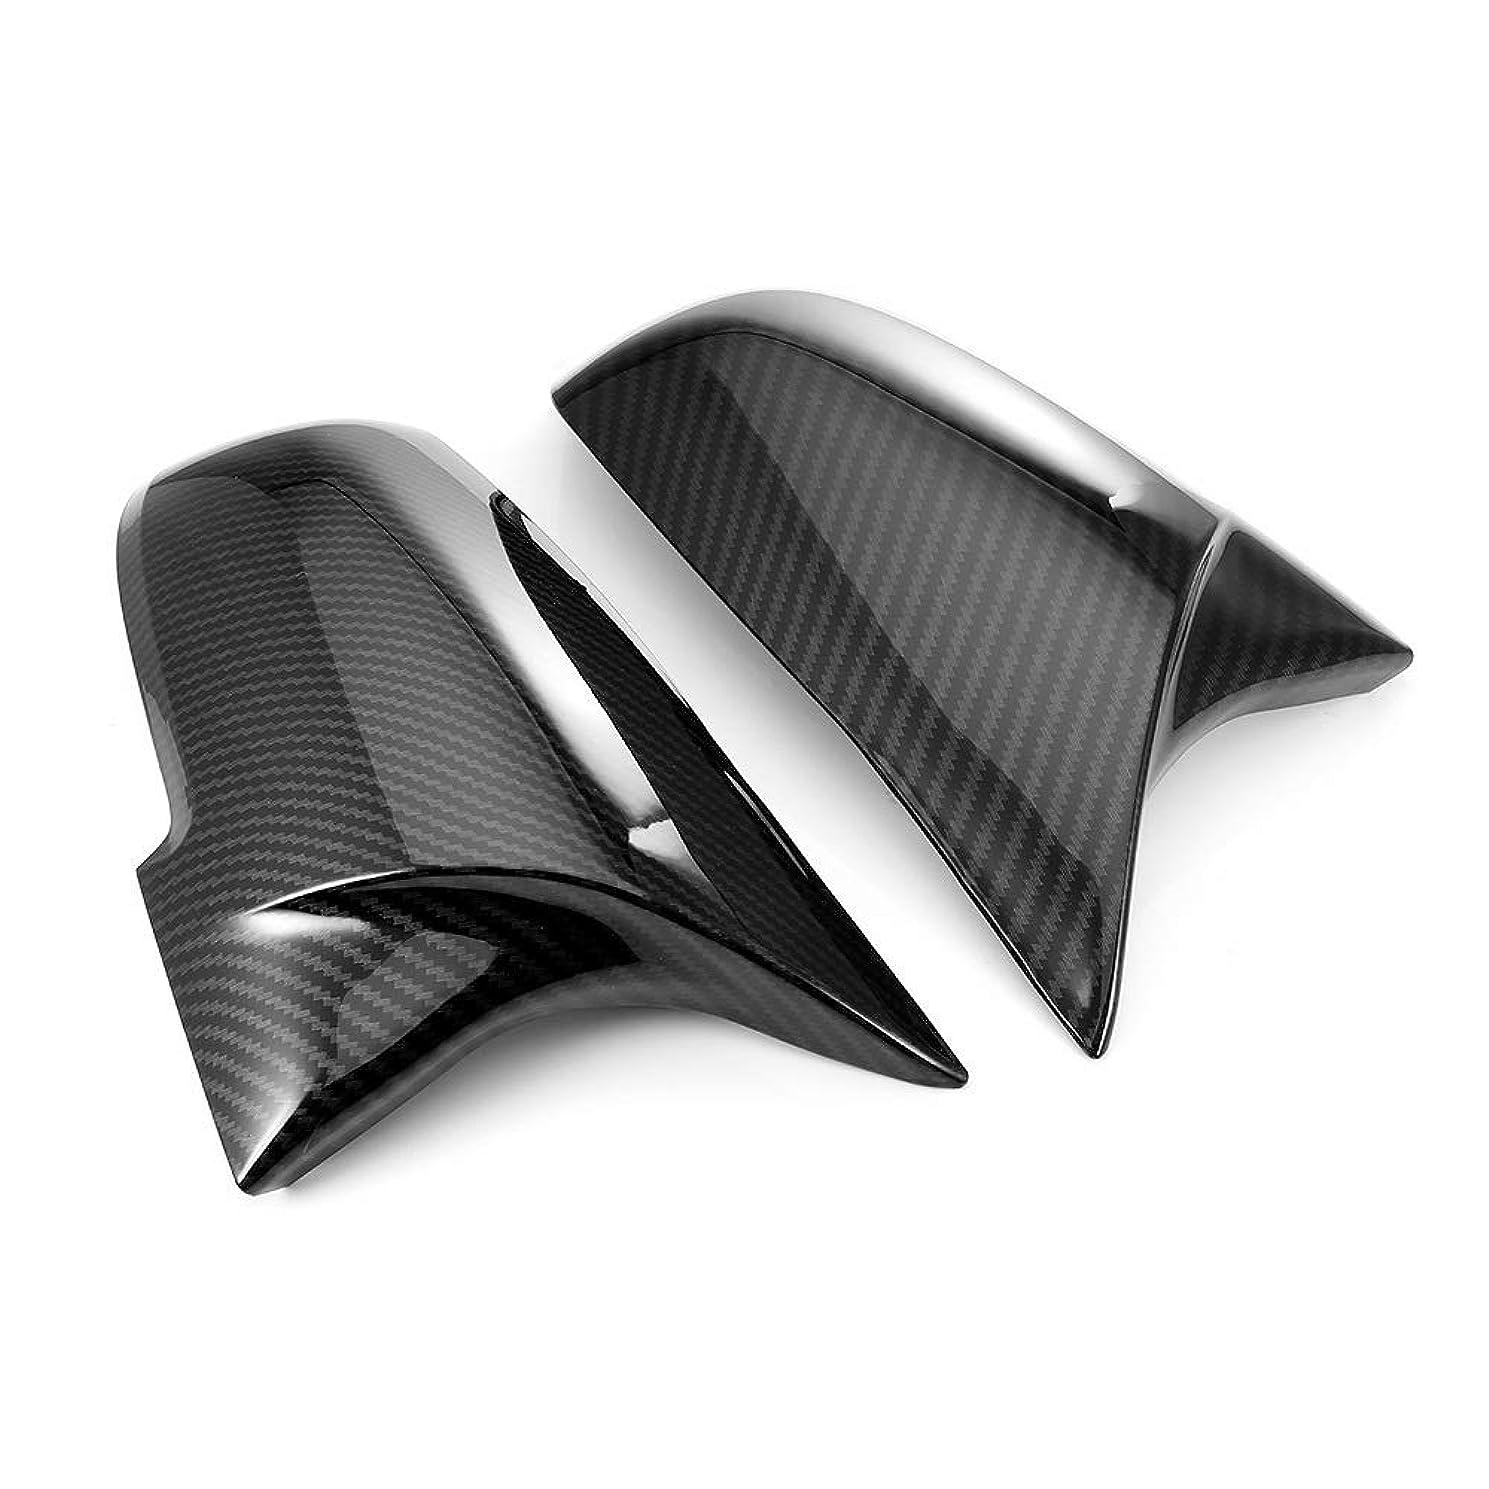 溶岩ブリークカプセルミラー2枚のバックミラーカバーキャップカーボンブラックフィット感のためのFit For BMWシリーズ1 2 3 4 X M 220I 328i 420I F20 F21 F22 F23 F30 F32 F33 F36 X1 ドアミラーカバー